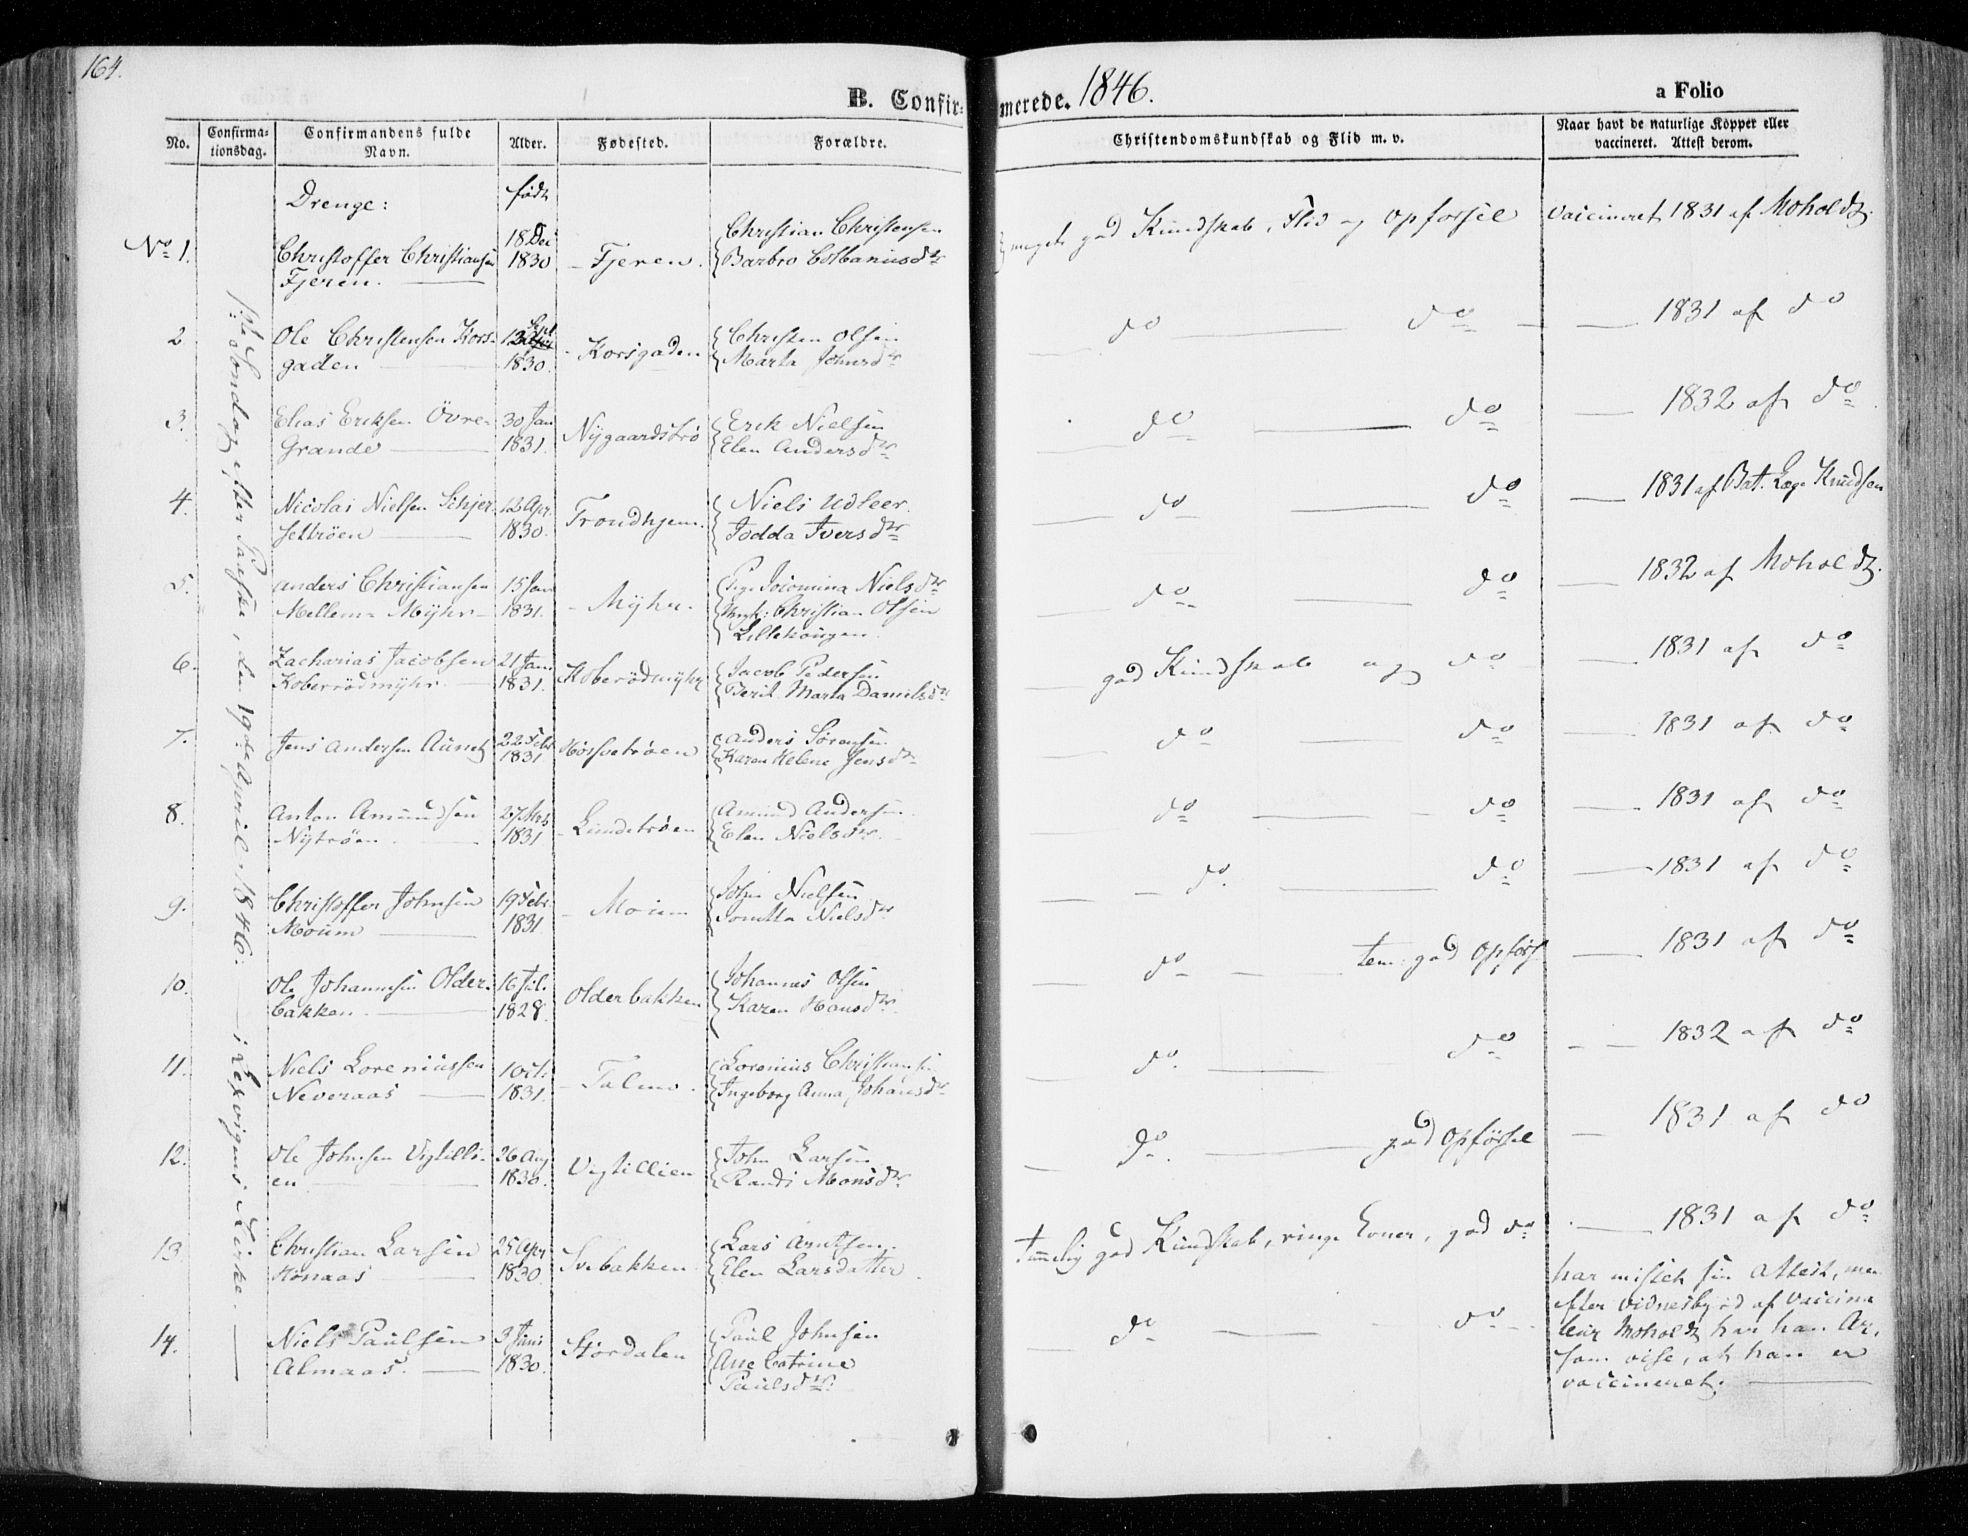 SAT, Ministerialprotokoller, klokkerbøker og fødselsregistre - Nord-Trøndelag, 701/L0007: Ministerialbok nr. 701A07 /1, 1842-1854, s. 164